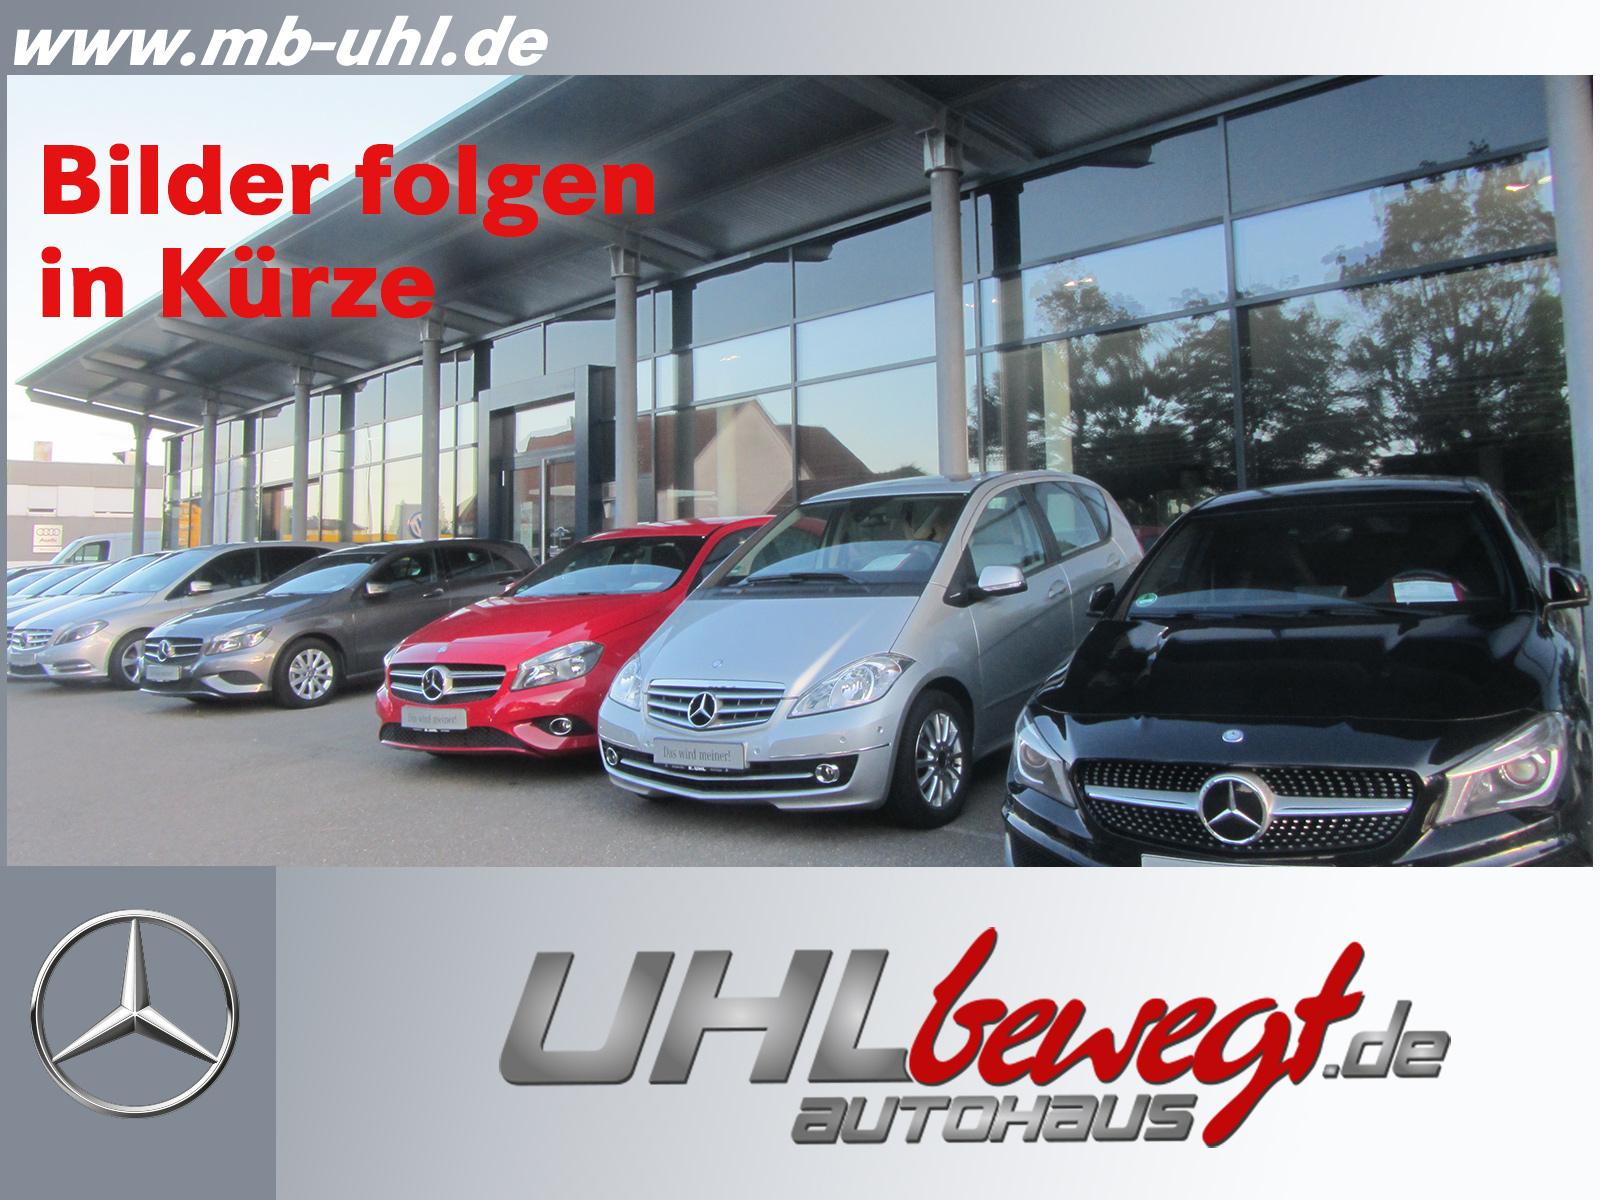 Mercedes-Benz GLS 350 d 4MATIC Comand/SHD/Autom./Klima eSitz., Jahr 2012, Diesel